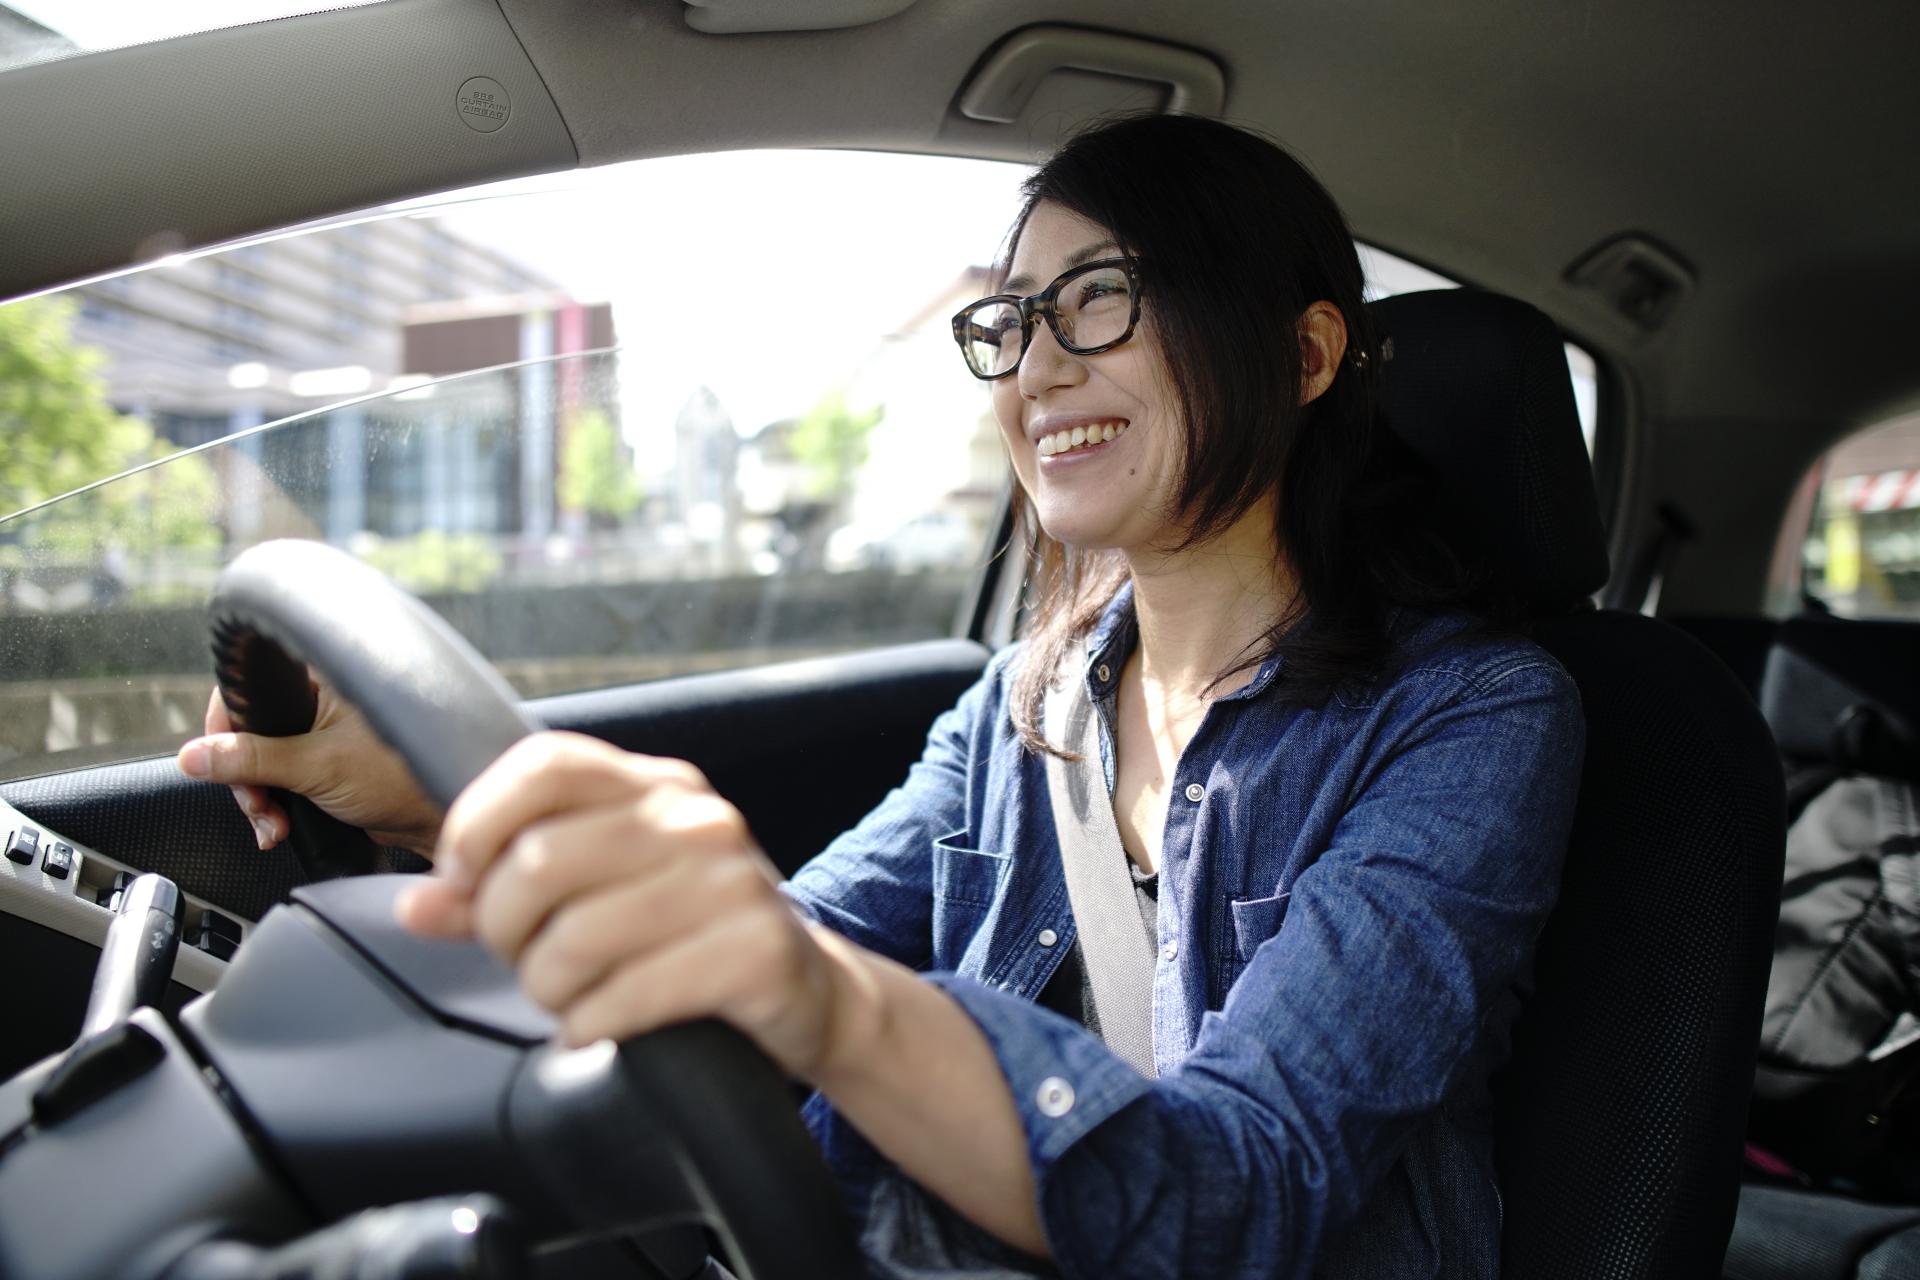 女性が運転もあり?ドライブデートにおけるドライバー問題